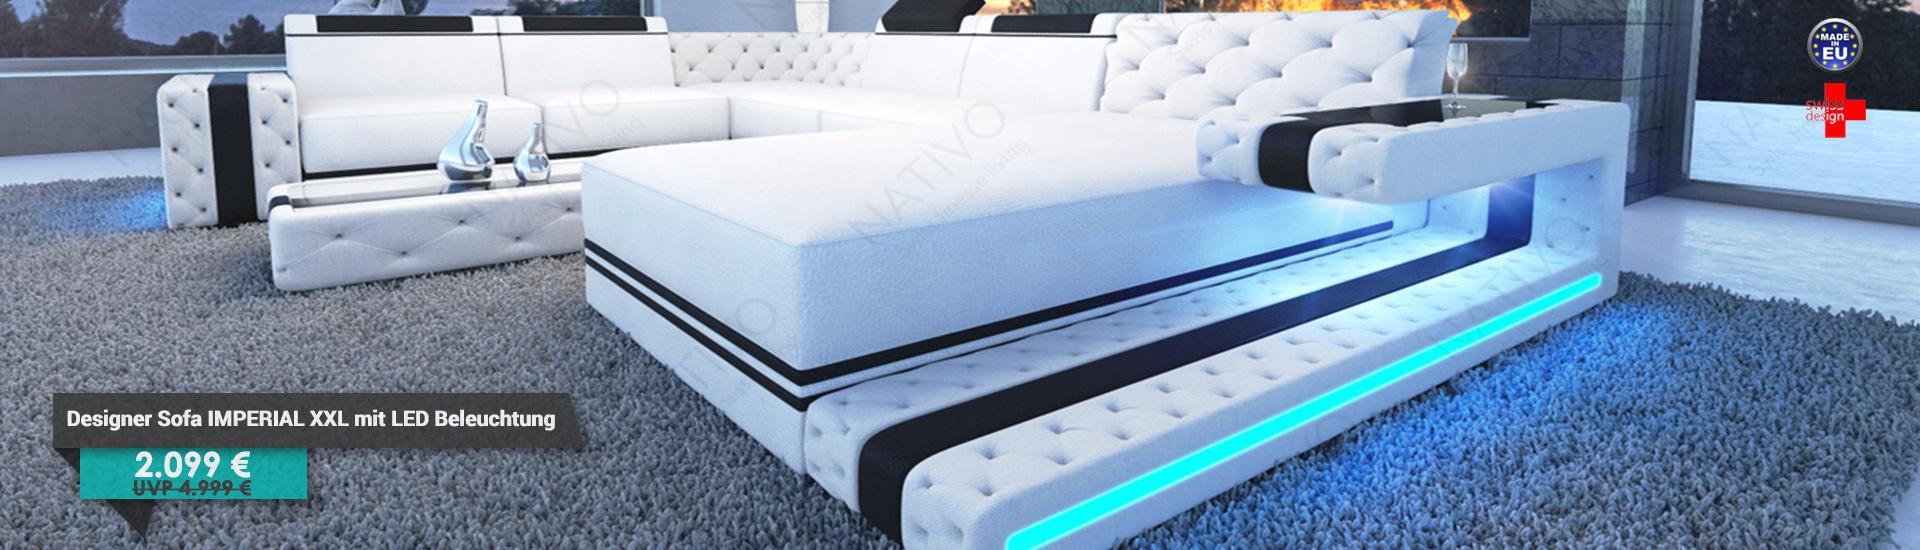 m bel online kaufen sterreich. Black Bedroom Furniture Sets. Home Design Ideas